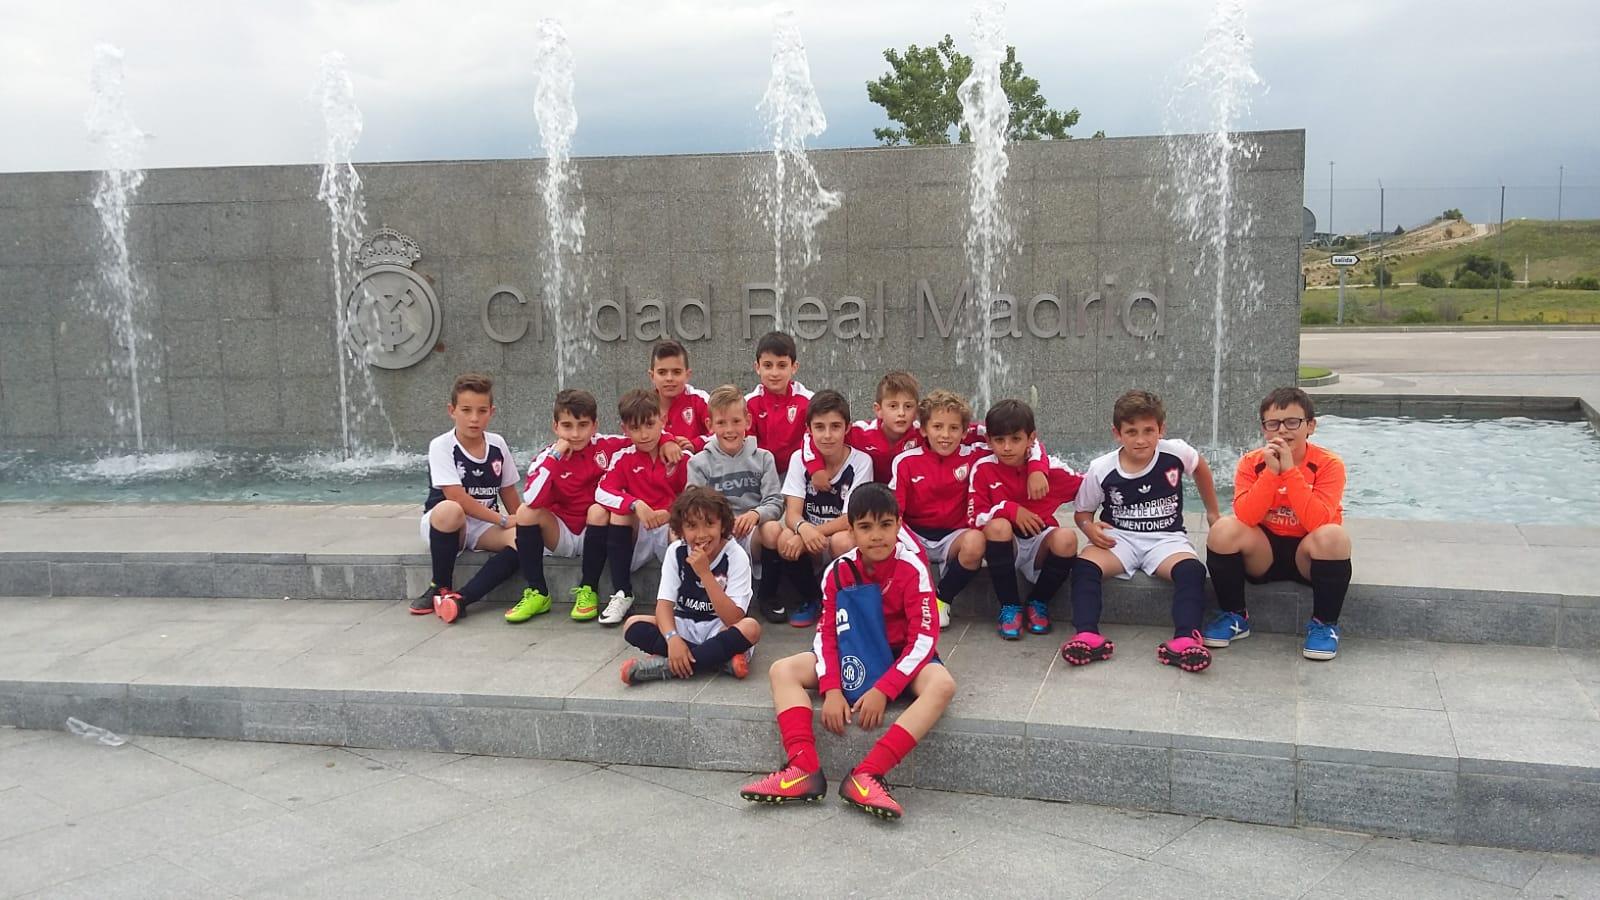 07 El equipo Jaraiceño de la Factoría Verata del C.F. Jaraíz se clasifica para los octavos de final